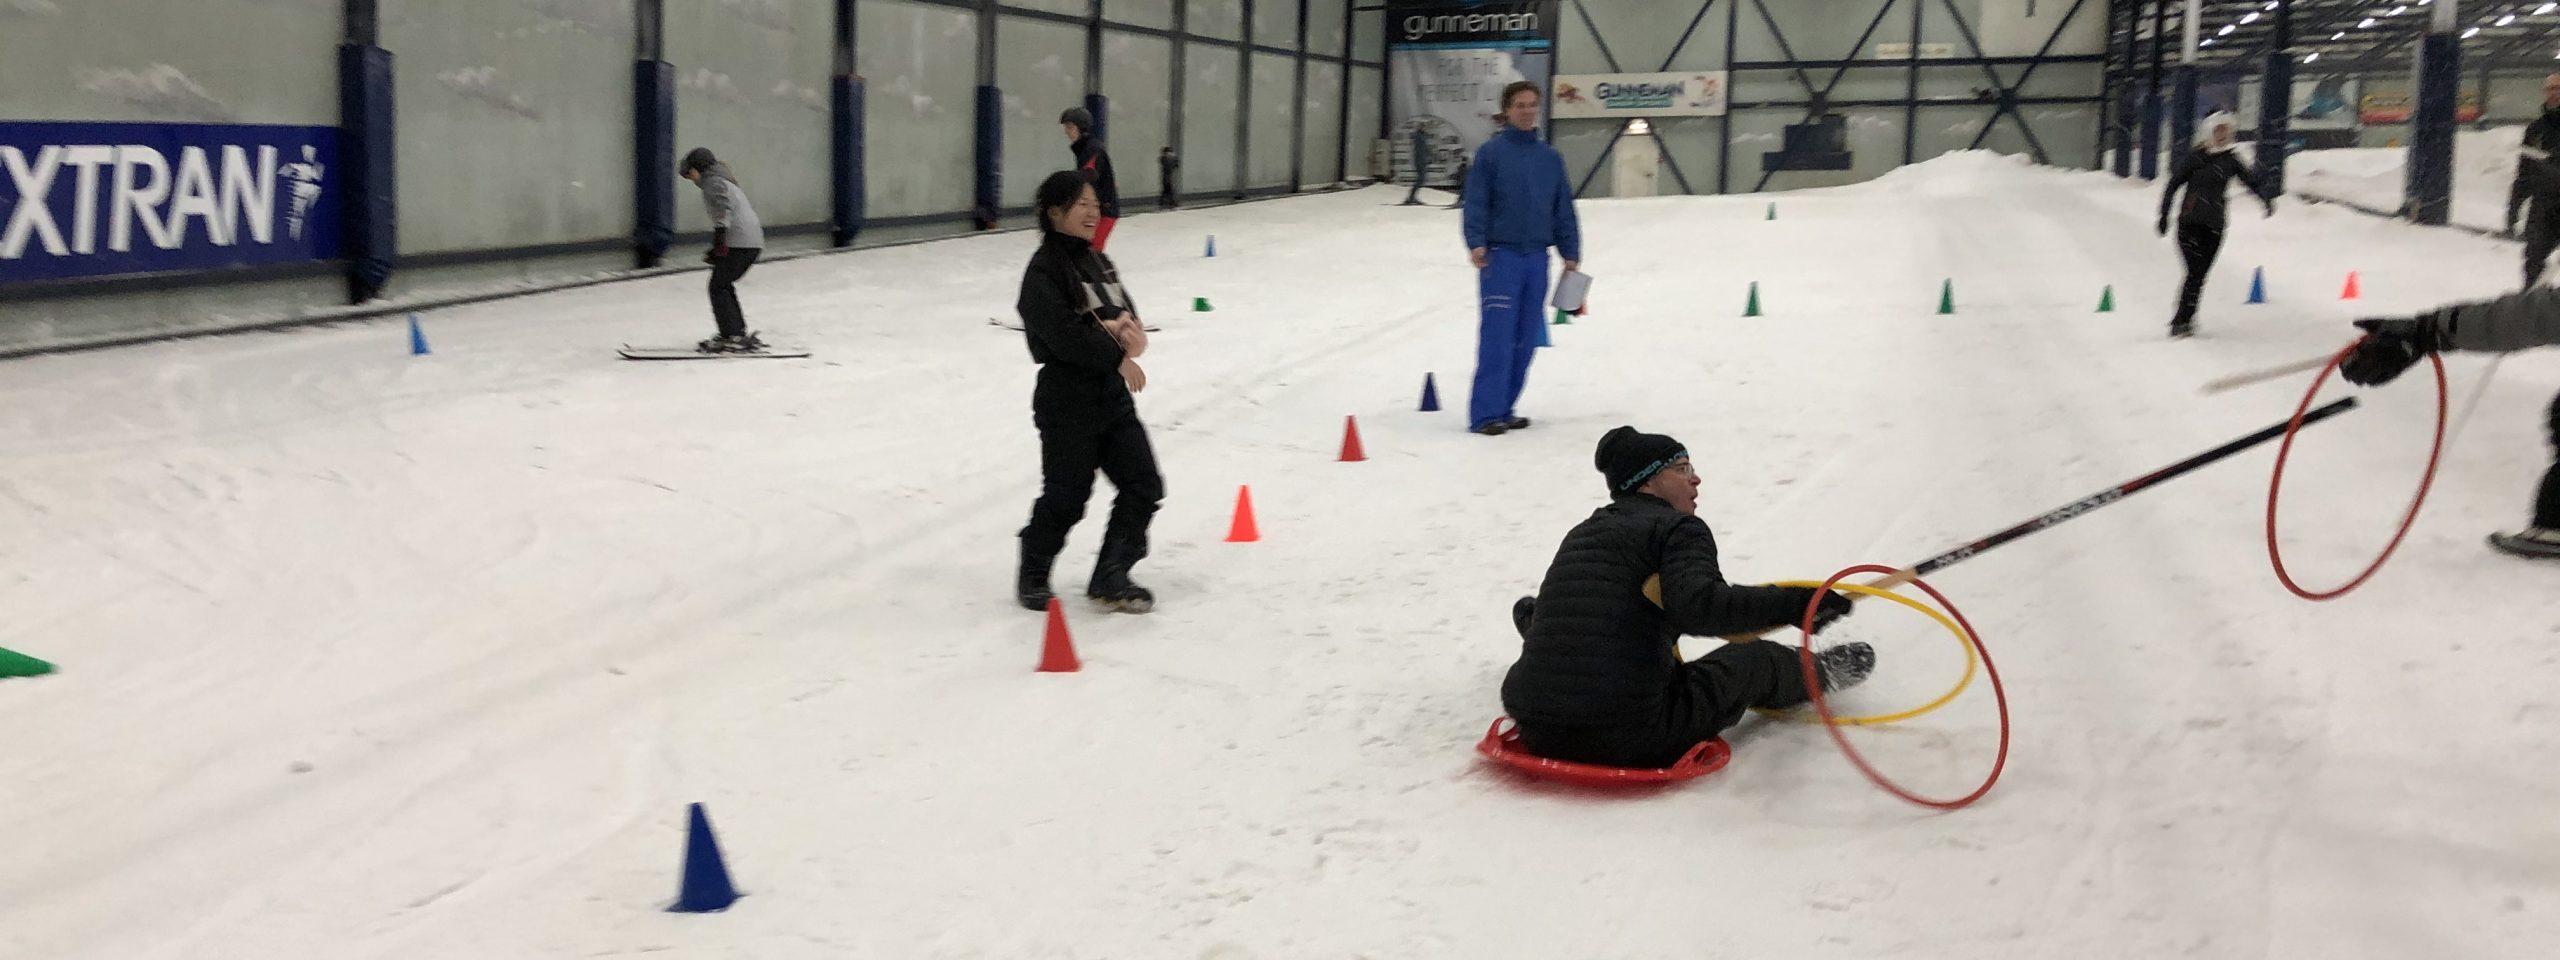 Breda Sneeuwspelen